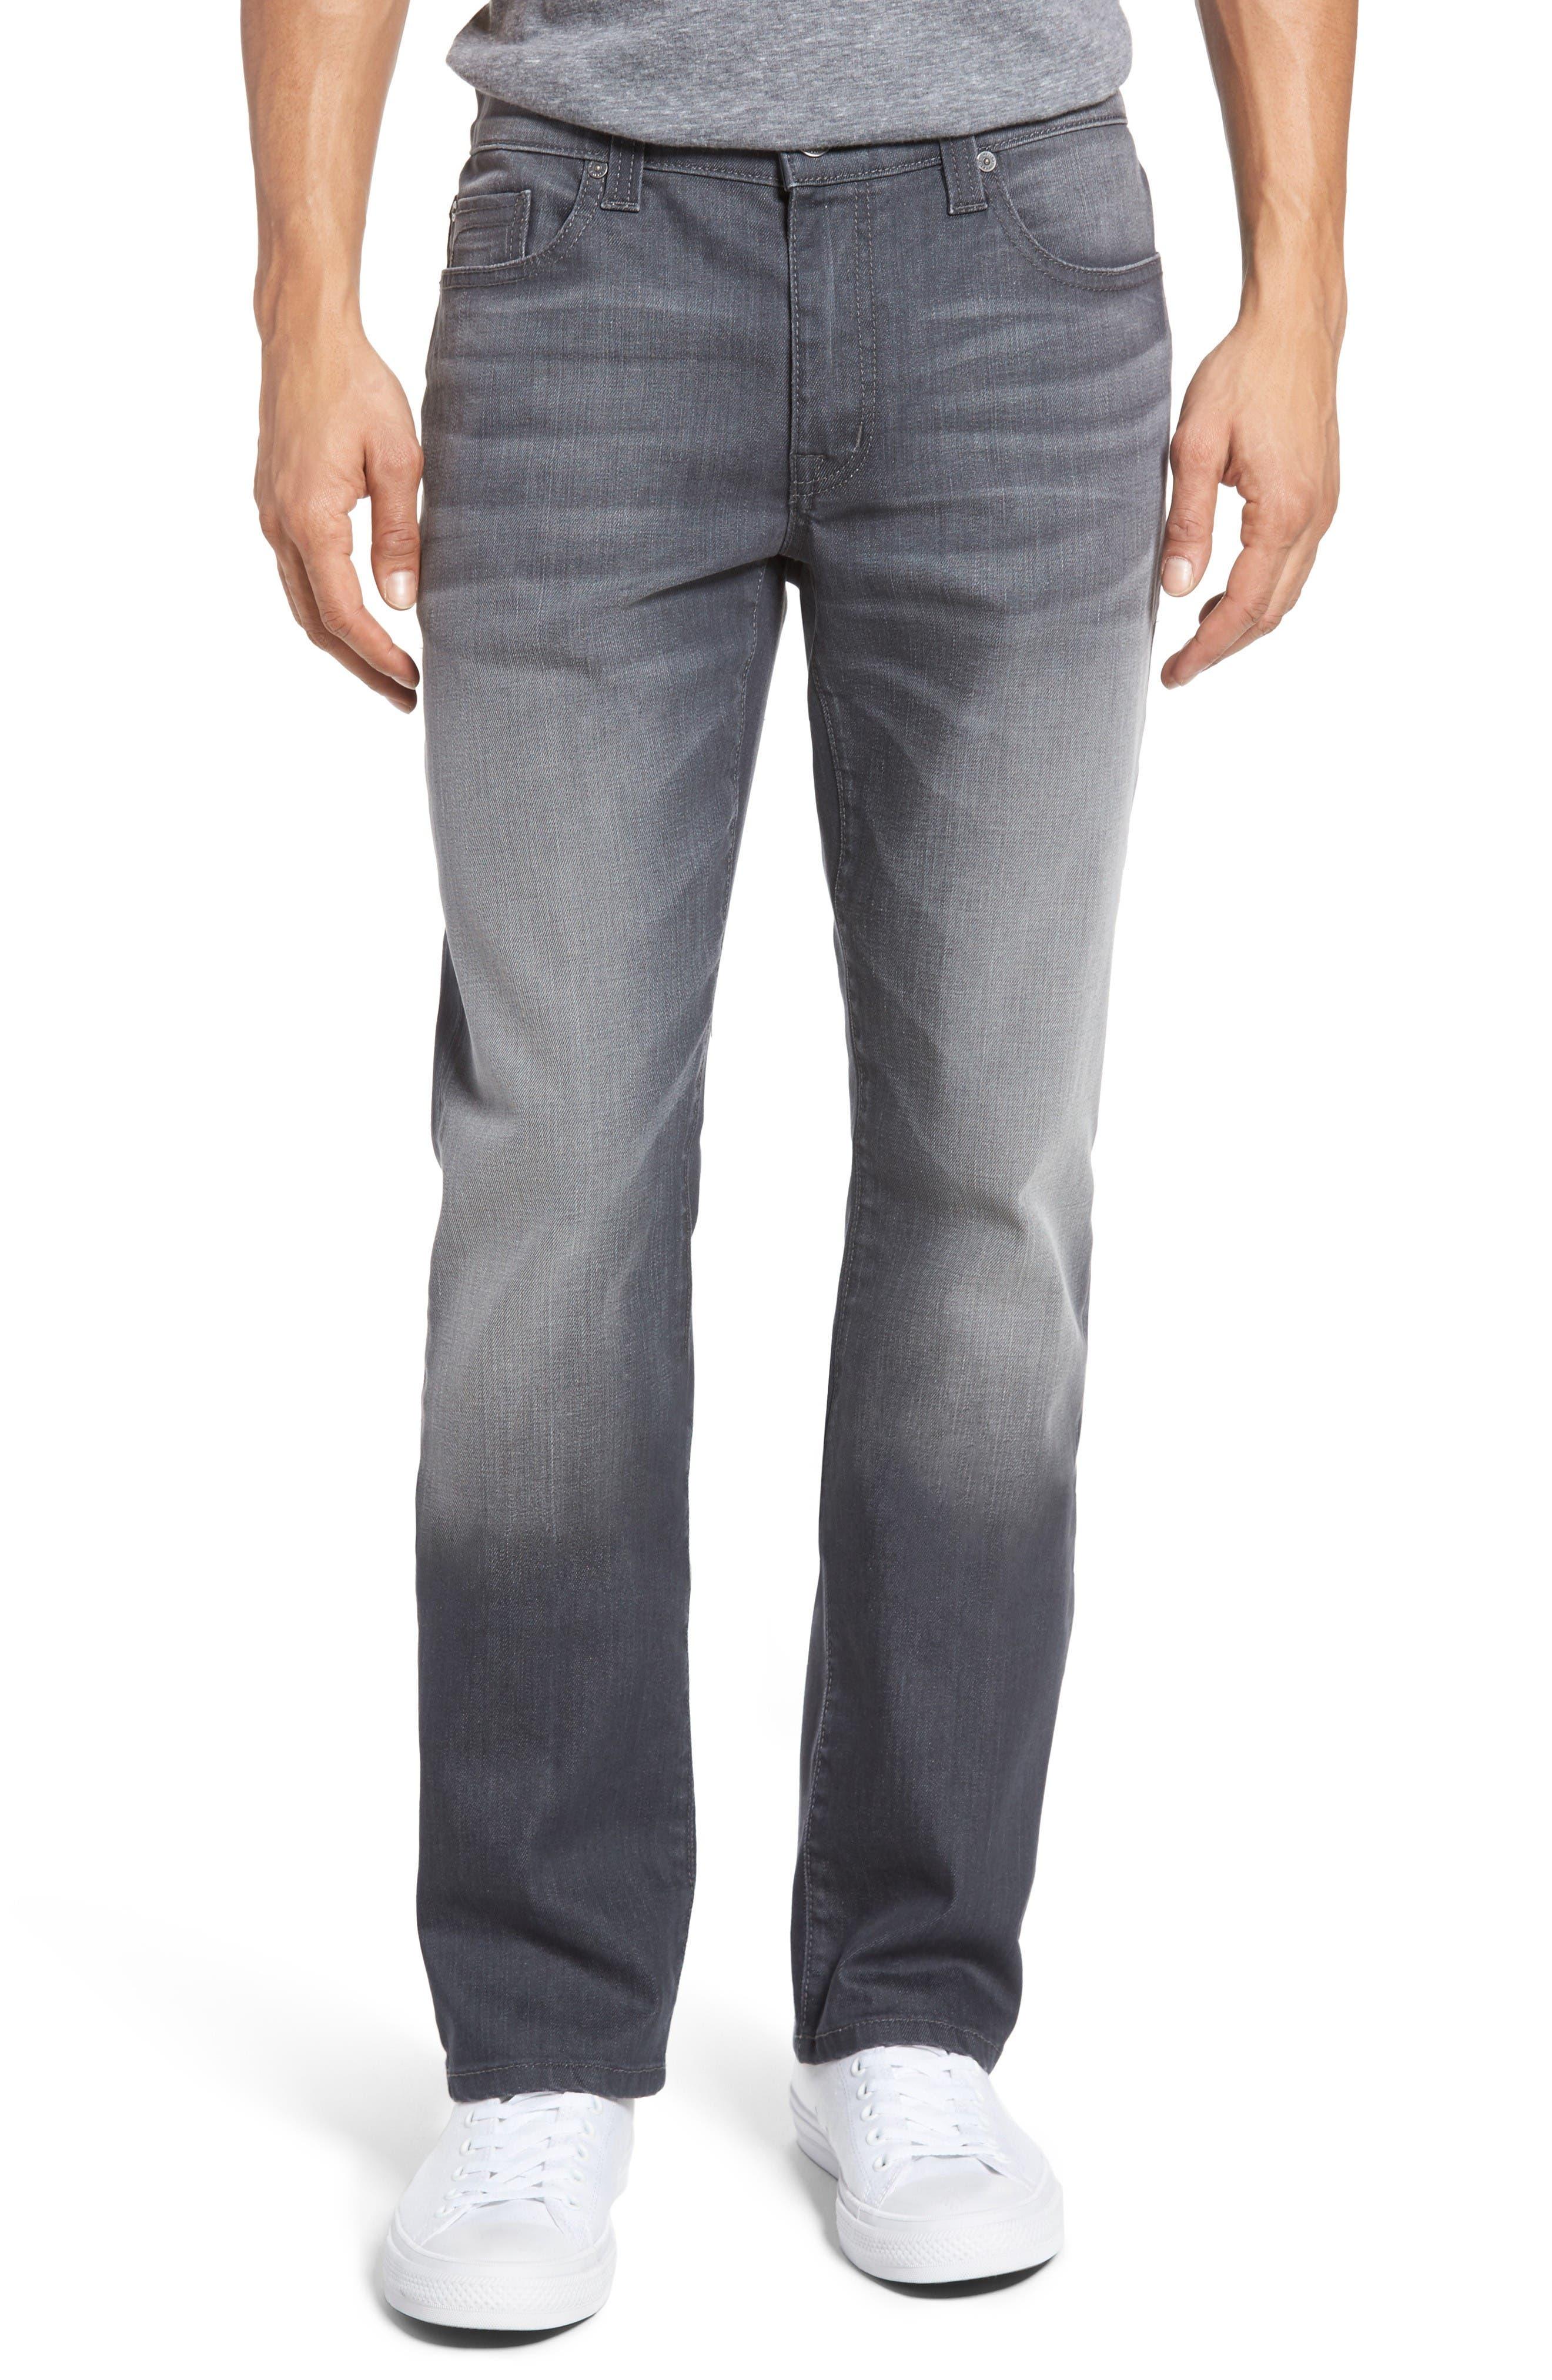 Alternate Image 1 Selected - Fidelity Denim Impala Straight Leg Jeans (River Dark)